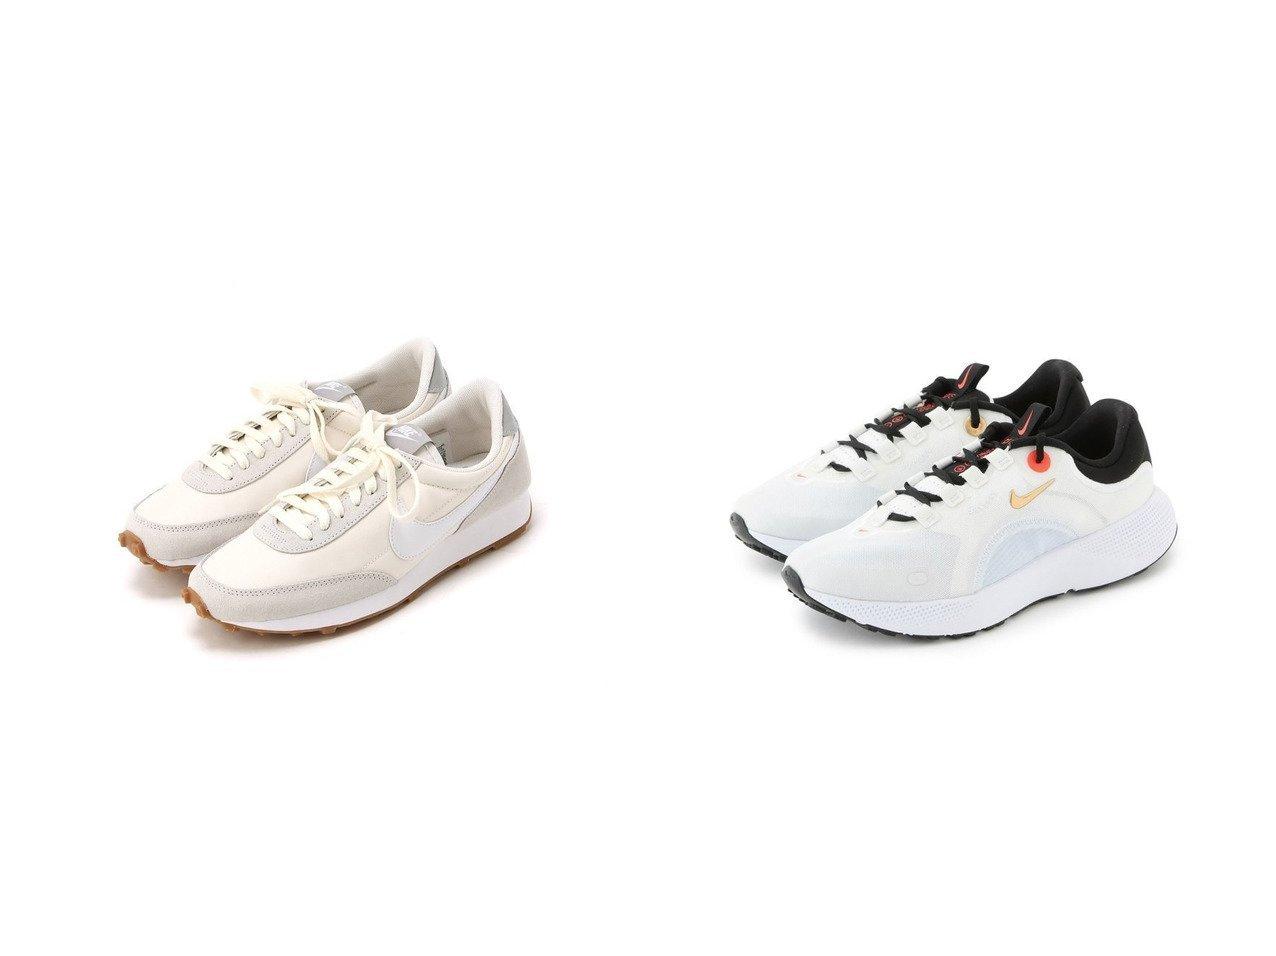 【NIKE/ナイキ】の【NIKE for NERGY】ナイキ リアクト エスケープ ラン ウィメンズランニングシューズ&NIKE ウィメンズディブレイク 【シューズ・靴】おすすめ!人気、トレンド・レディースファッションの通販 おすすめで人気の流行・トレンド、ファッションの通販商品 メンズファッション・キッズファッション・インテリア・家具・レディースファッション・服の通販 founy(ファニー) https://founy.com/ ファッション Fashion レディースファッション WOMEN クッション 軽量 シューズ スニーカー スリッポン フィット フェミニン フォーム ランニング ワーク おすすめ Recommend NEW・新作・新着・新入荷 New Arrivals 2021年 2021 2021春夏・S/S SS/Spring/Summer/2021 S/S・春夏 SS・Spring/Summer スポーツ リボン |ID:crp329100000029187